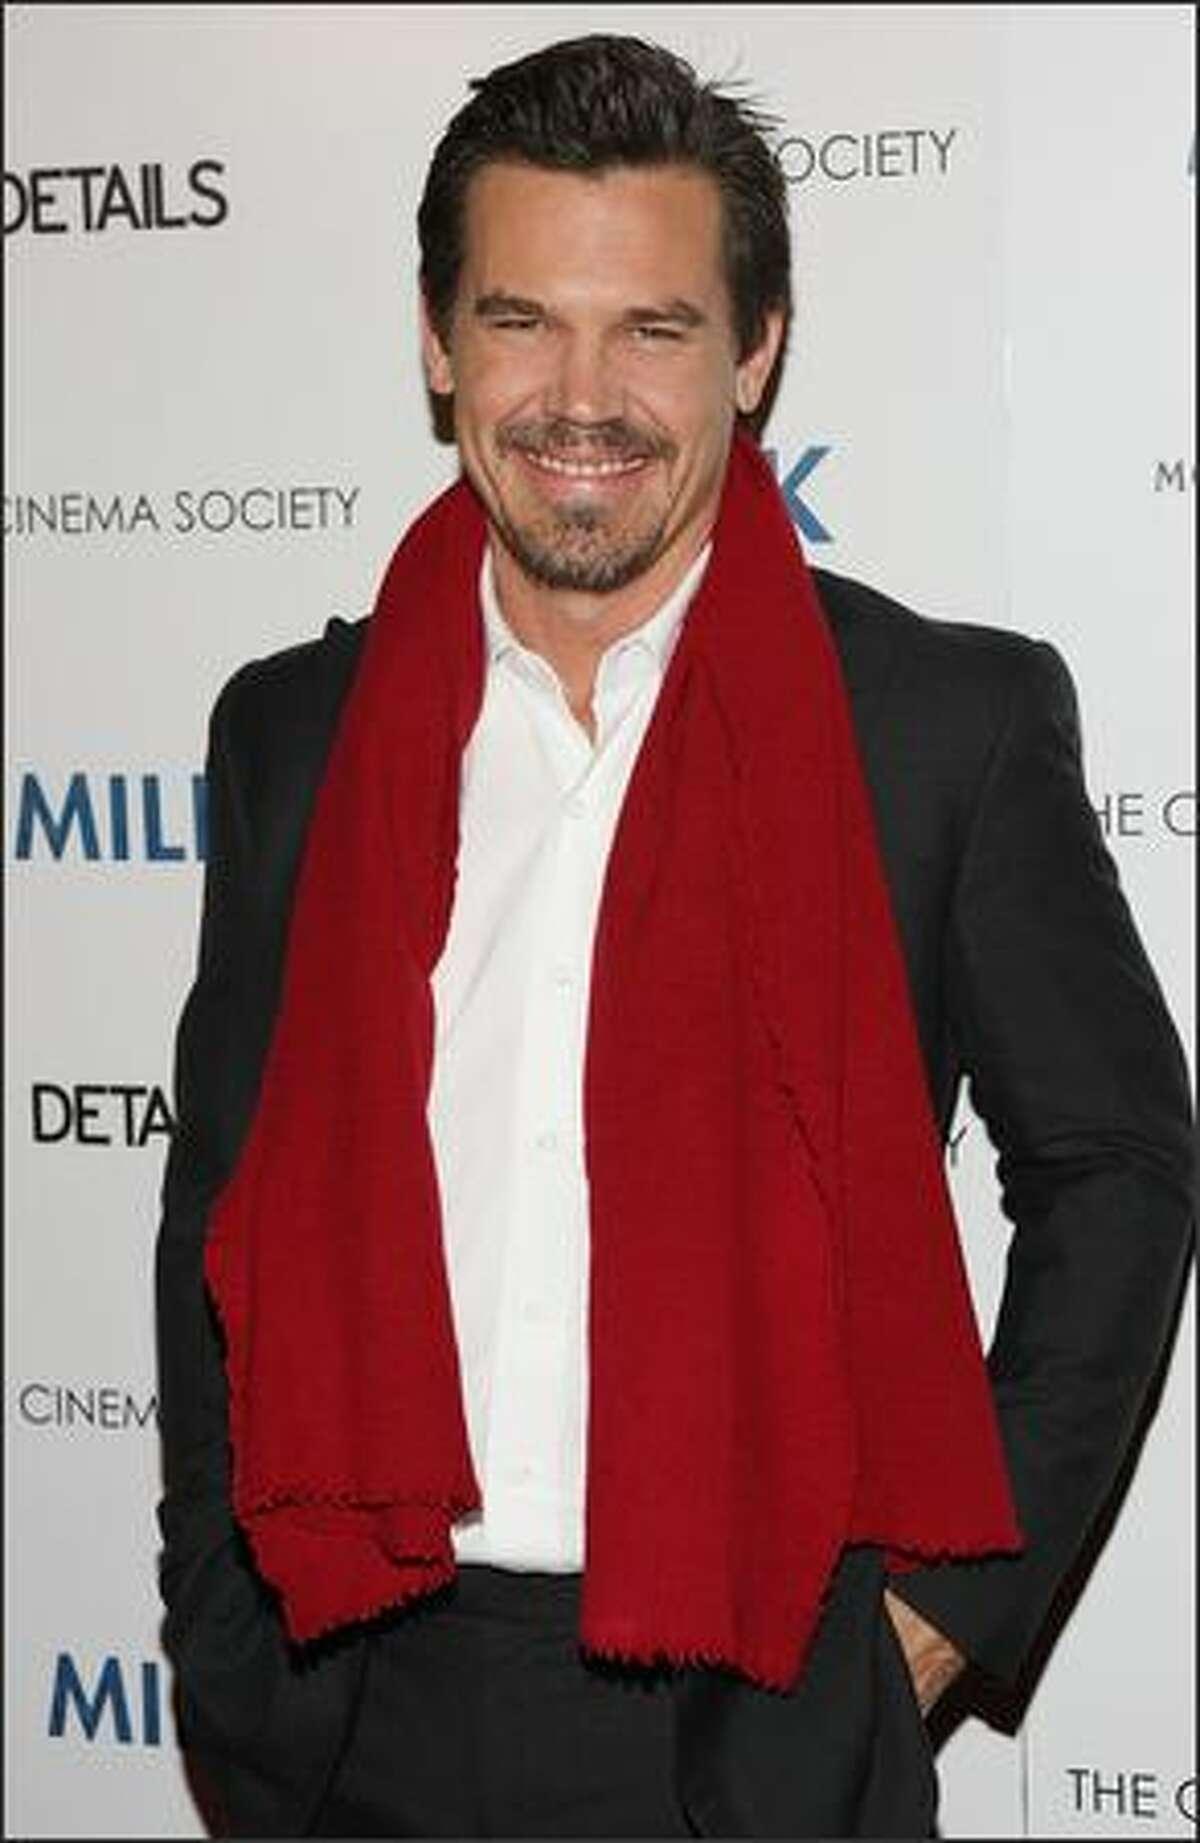 Actor Josh Brolin attends a special screening of